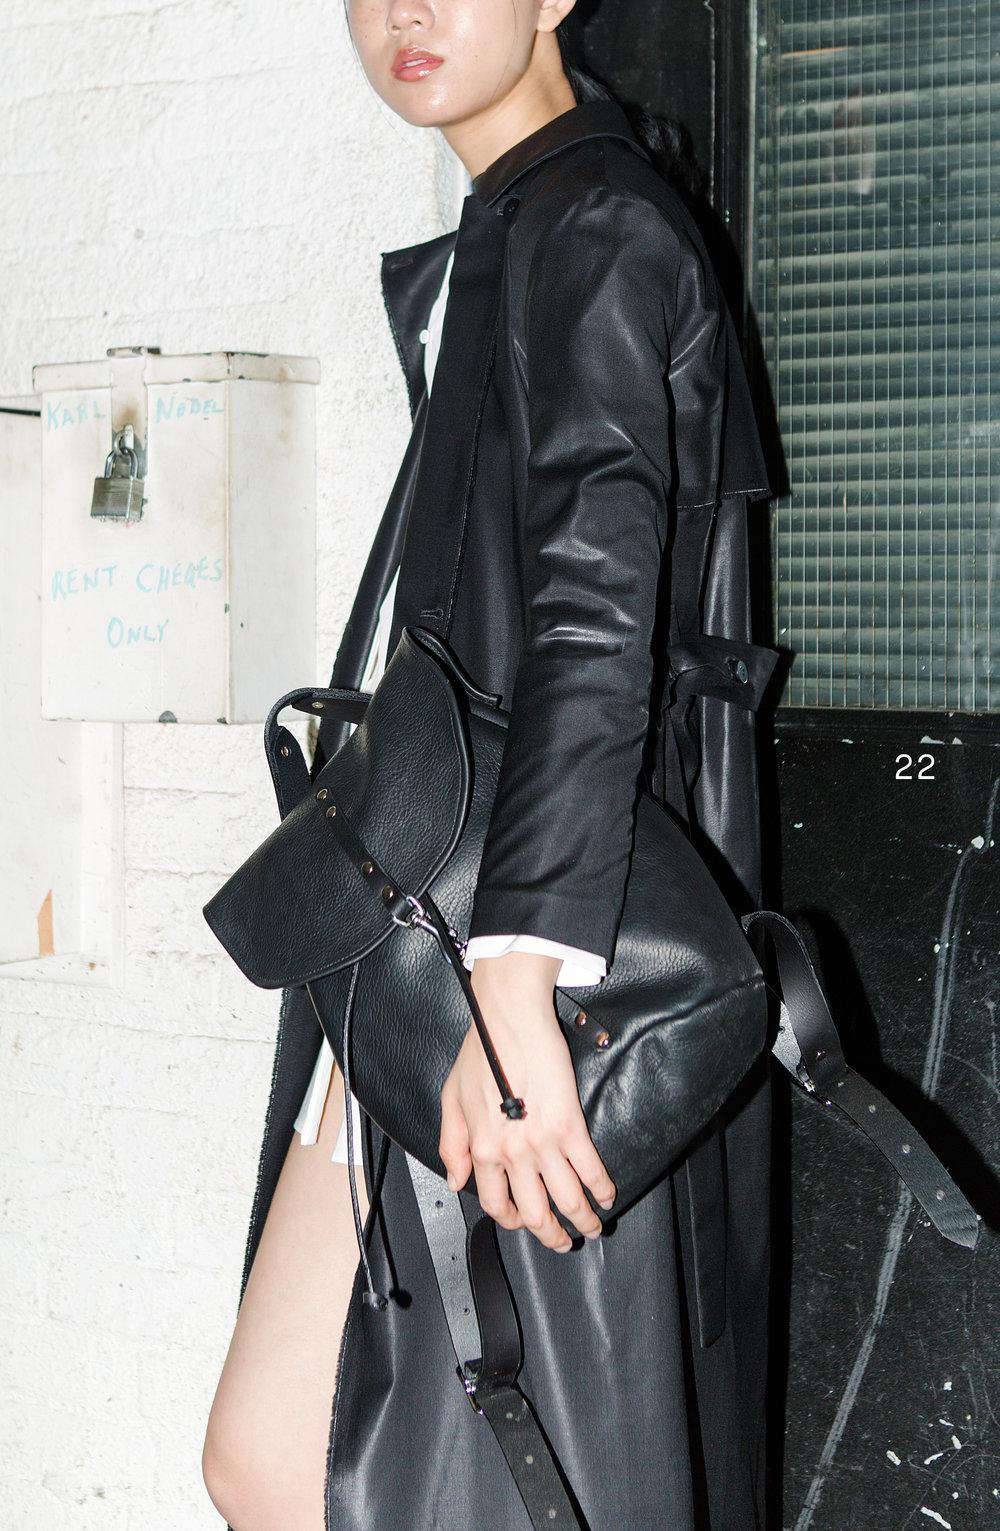 Sonya Lee - Sable Backpack 08/10